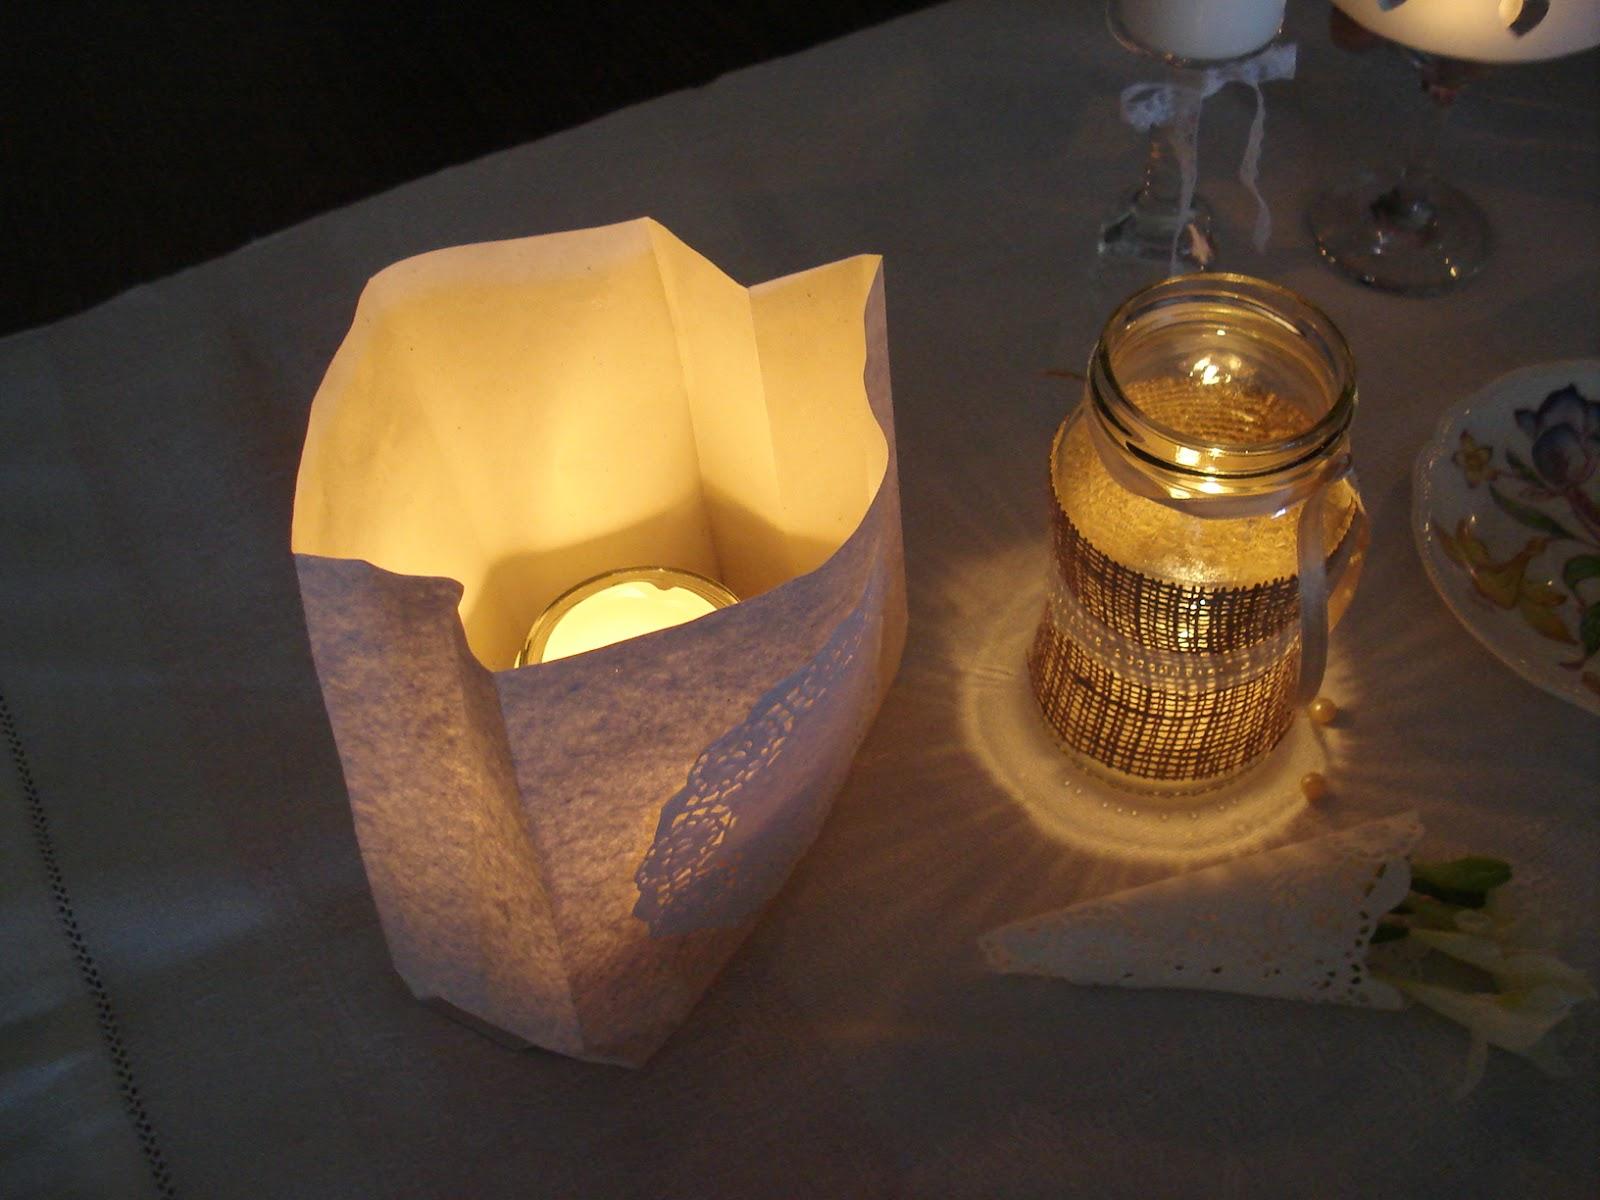 Tesy martin velas ideas y accion - Bolsas de papel para velas ...